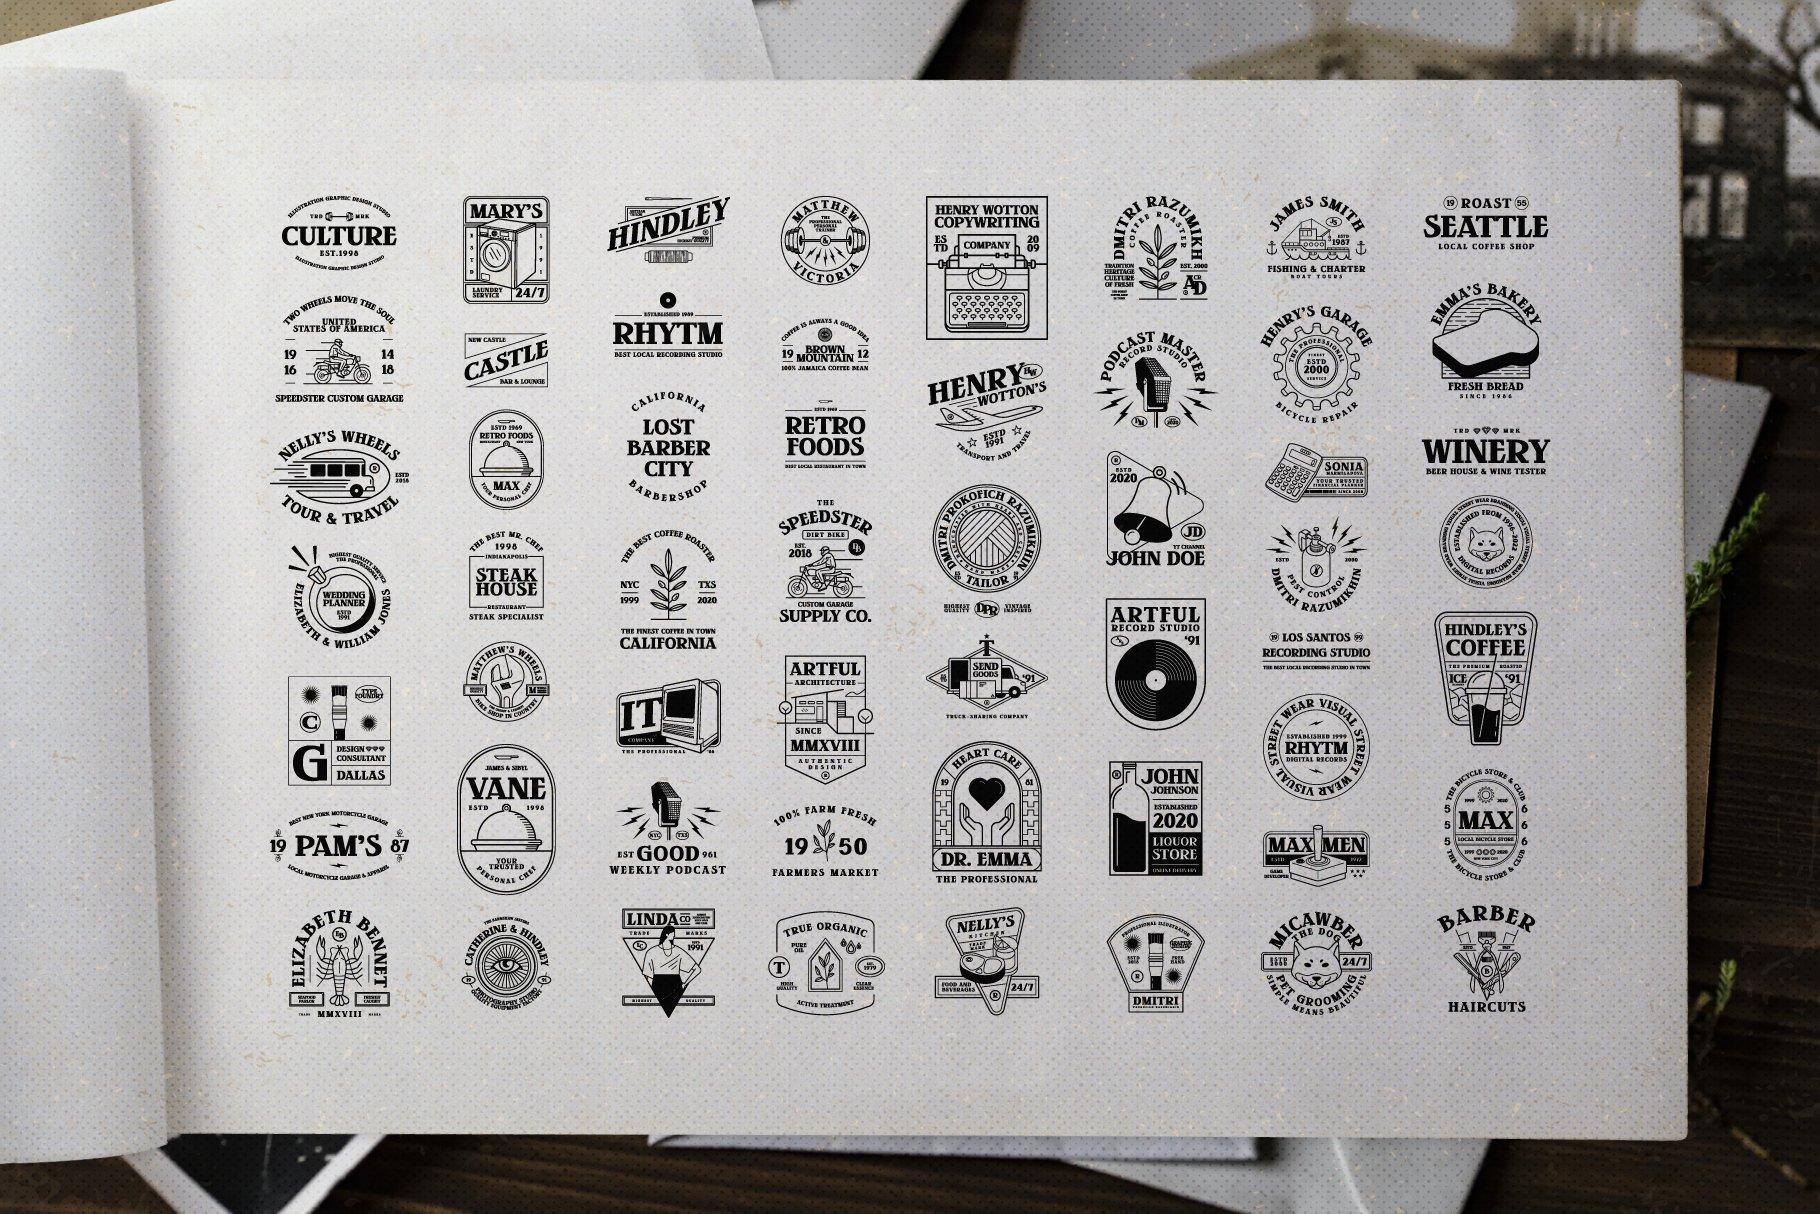 时尚复古封面标题徽标Logo衬线英文字体设计素材 Greatsby – The Good Store插图9